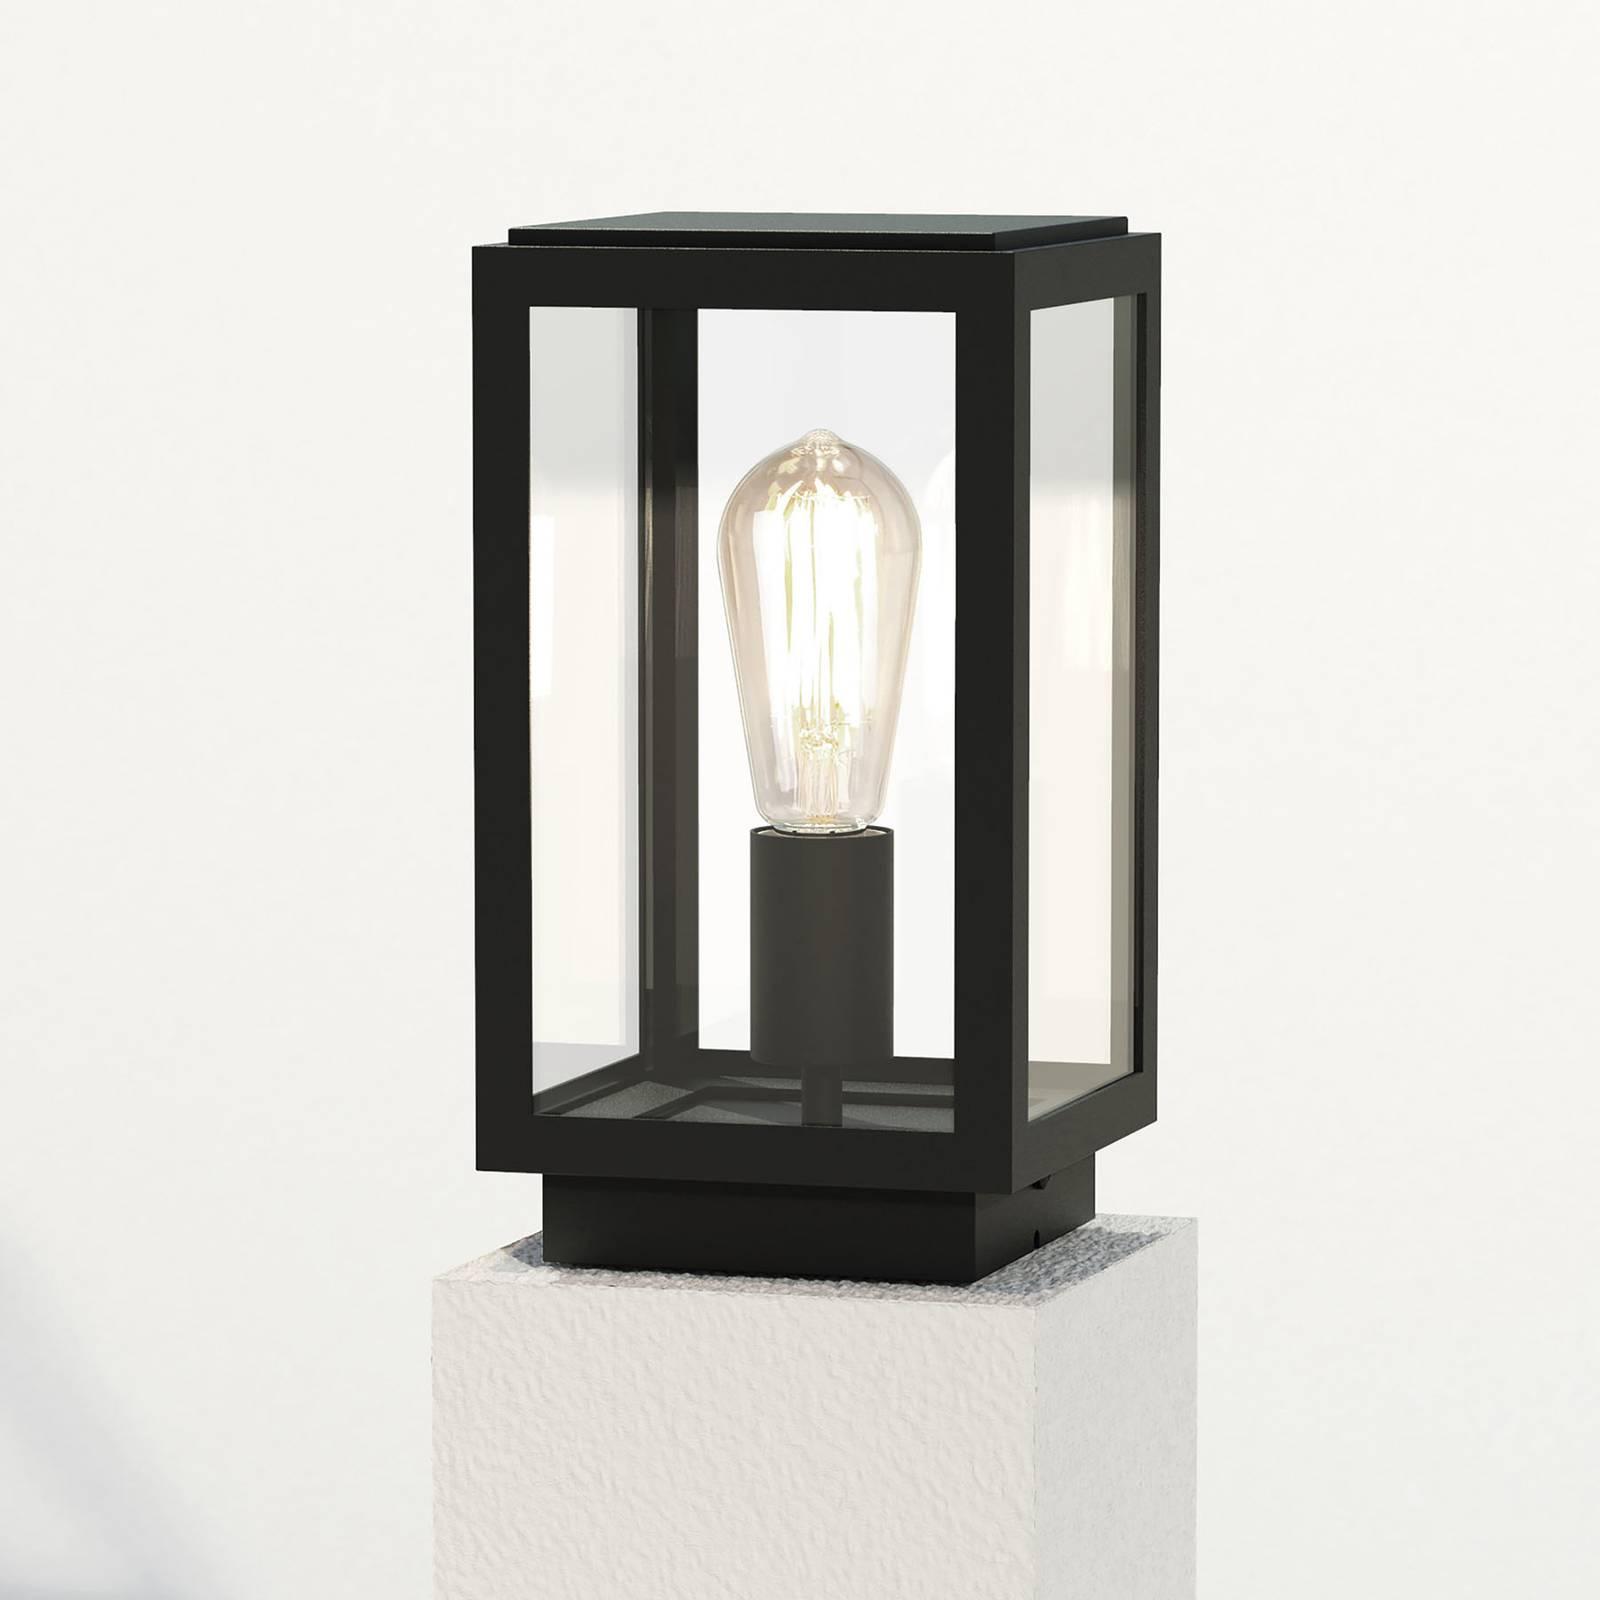 Astro Homefield Pedestal -pollarilamppu lyhtynä